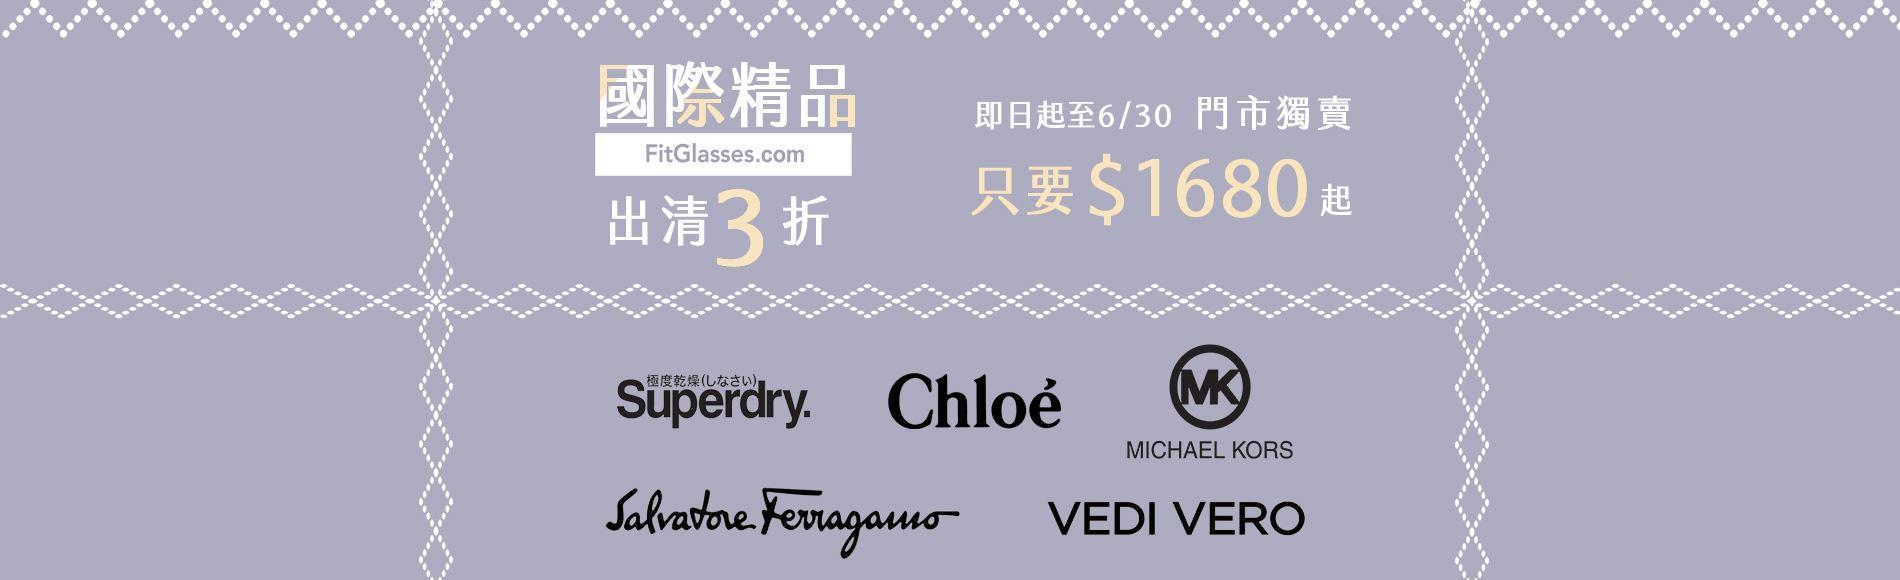 國際精品名牌太陽眼鏡 Chloe Superdry Vedi Vero Michael Kors Salvatore Ferragamo